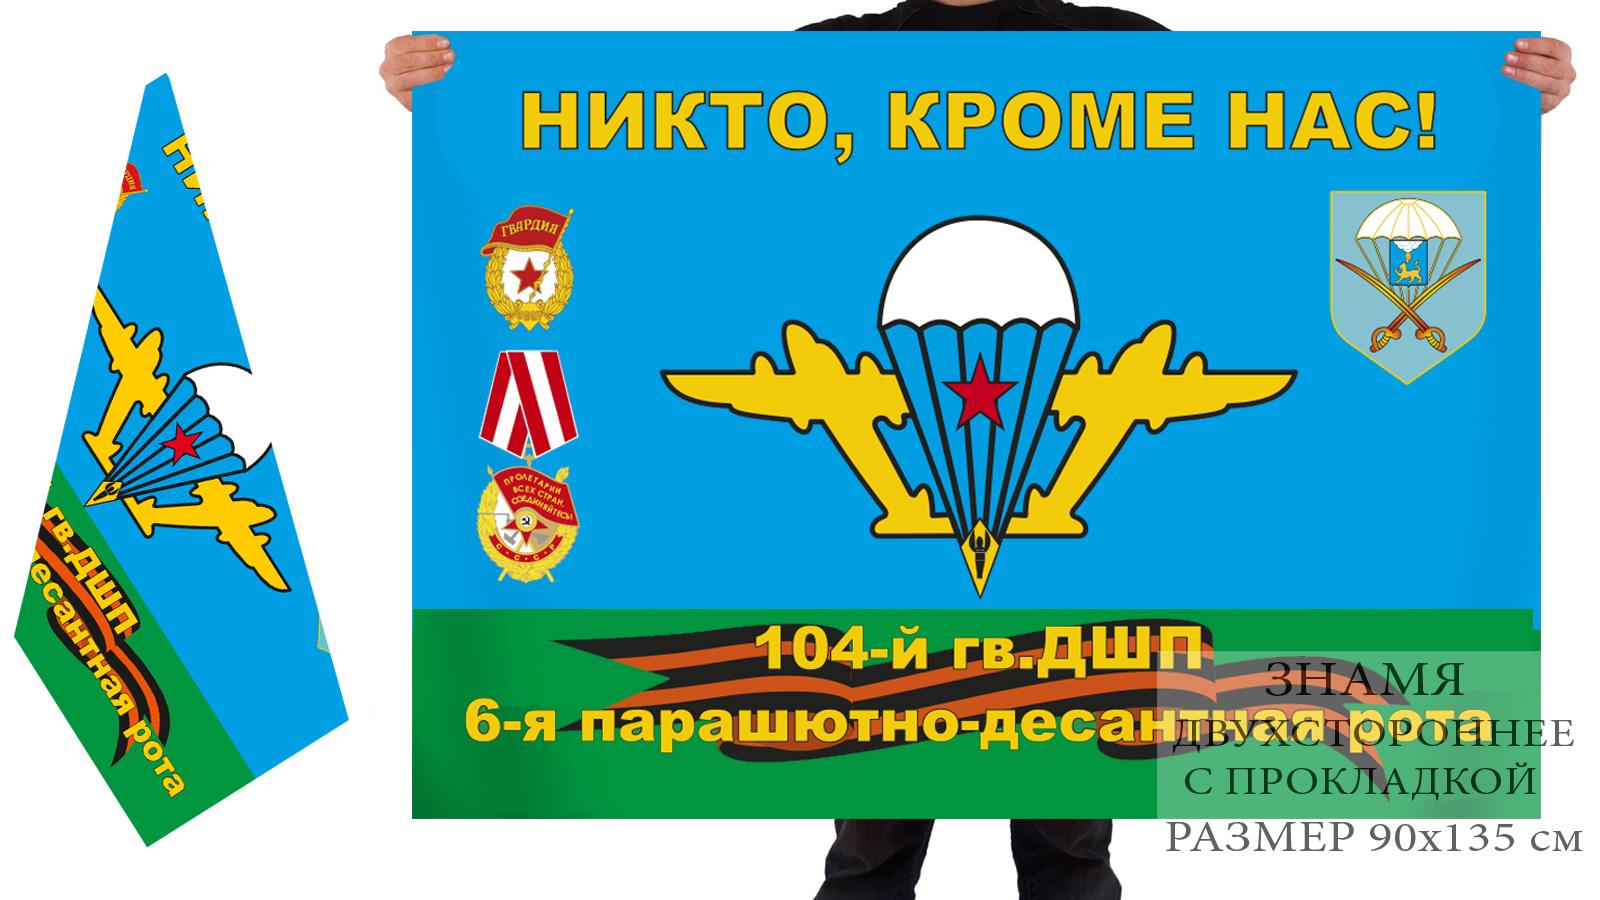 Заказать флаг 6-ой парашютно-десантной роты 104-го гв. ДШП